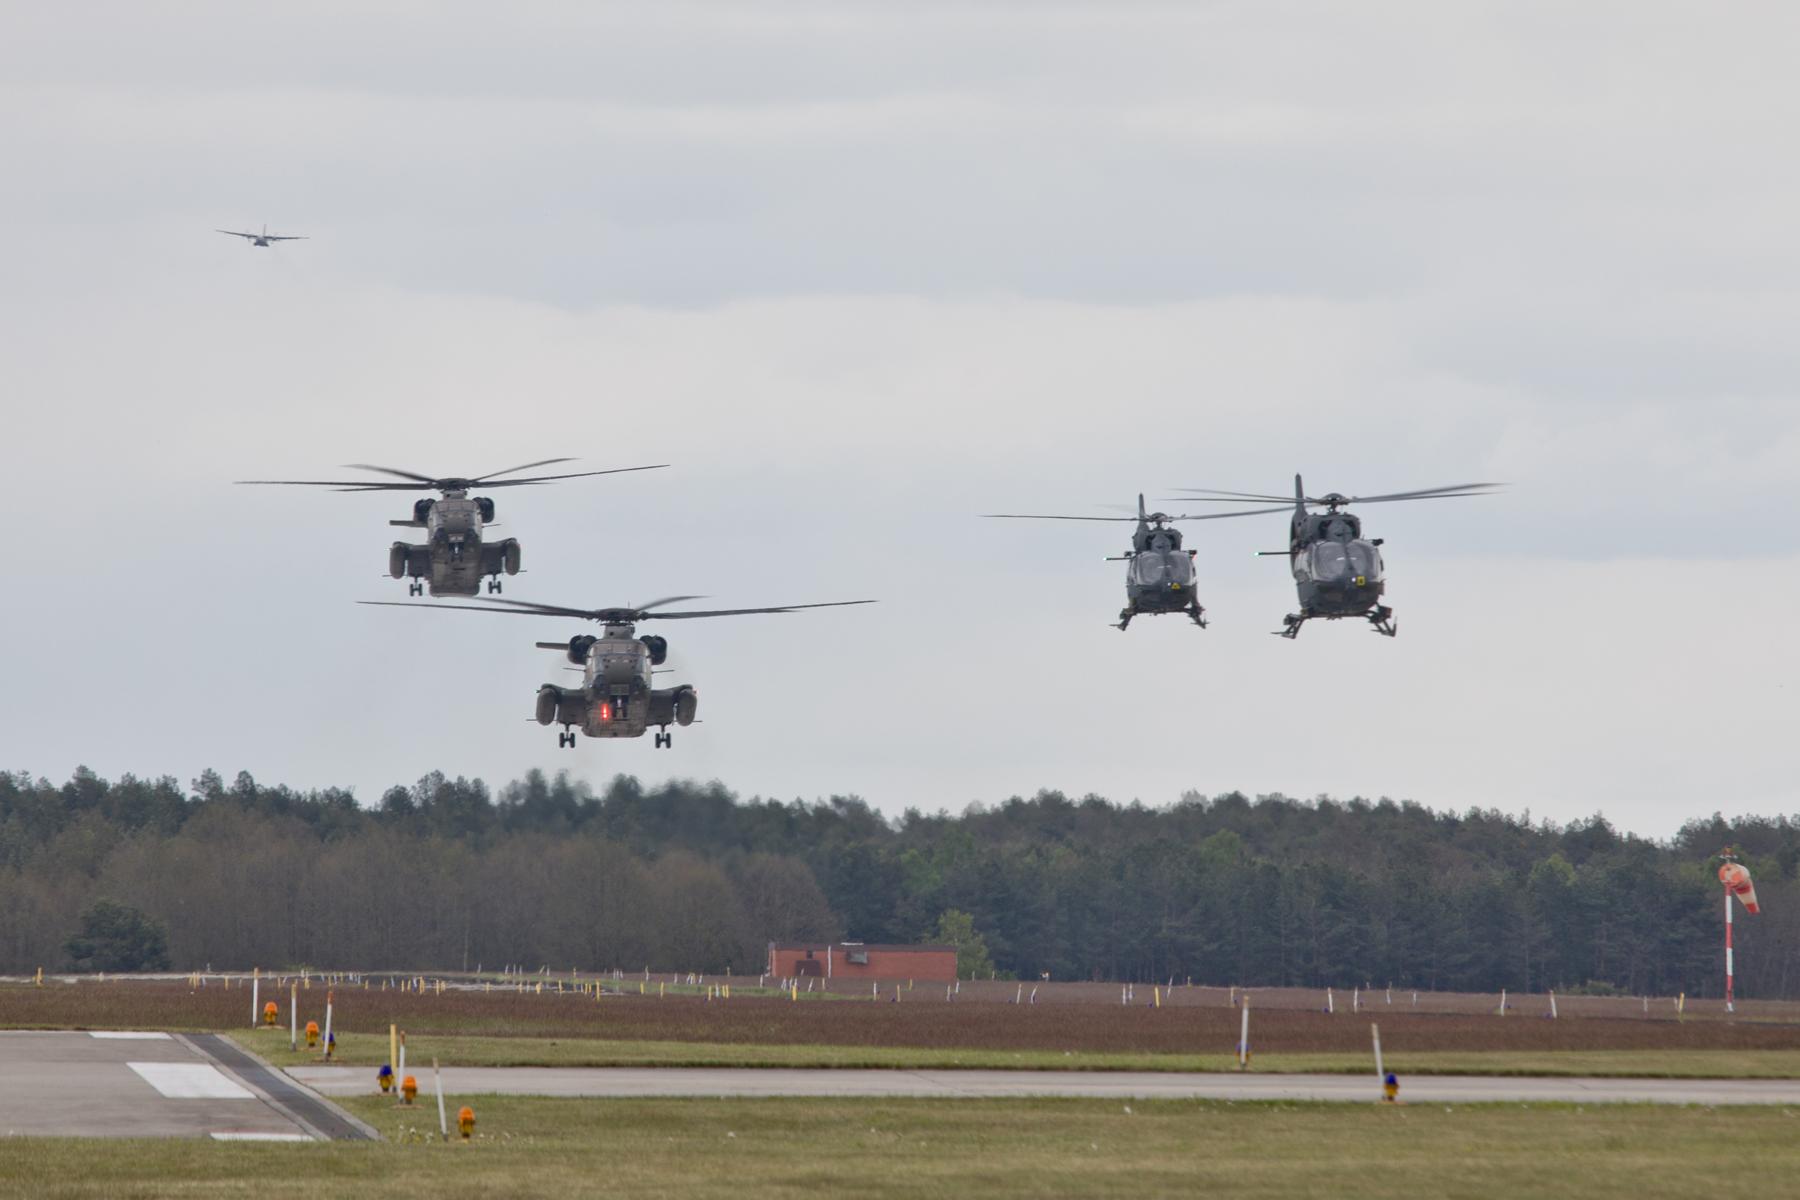 Hohe Geschwindigkeit, Reichweite, Mobilität und Flexibilität. Die Luftwaffe bringt das Kommando Spezialkräfte zum Geschehen. (Quelle: Luftwaffe/Johannes Heyn)